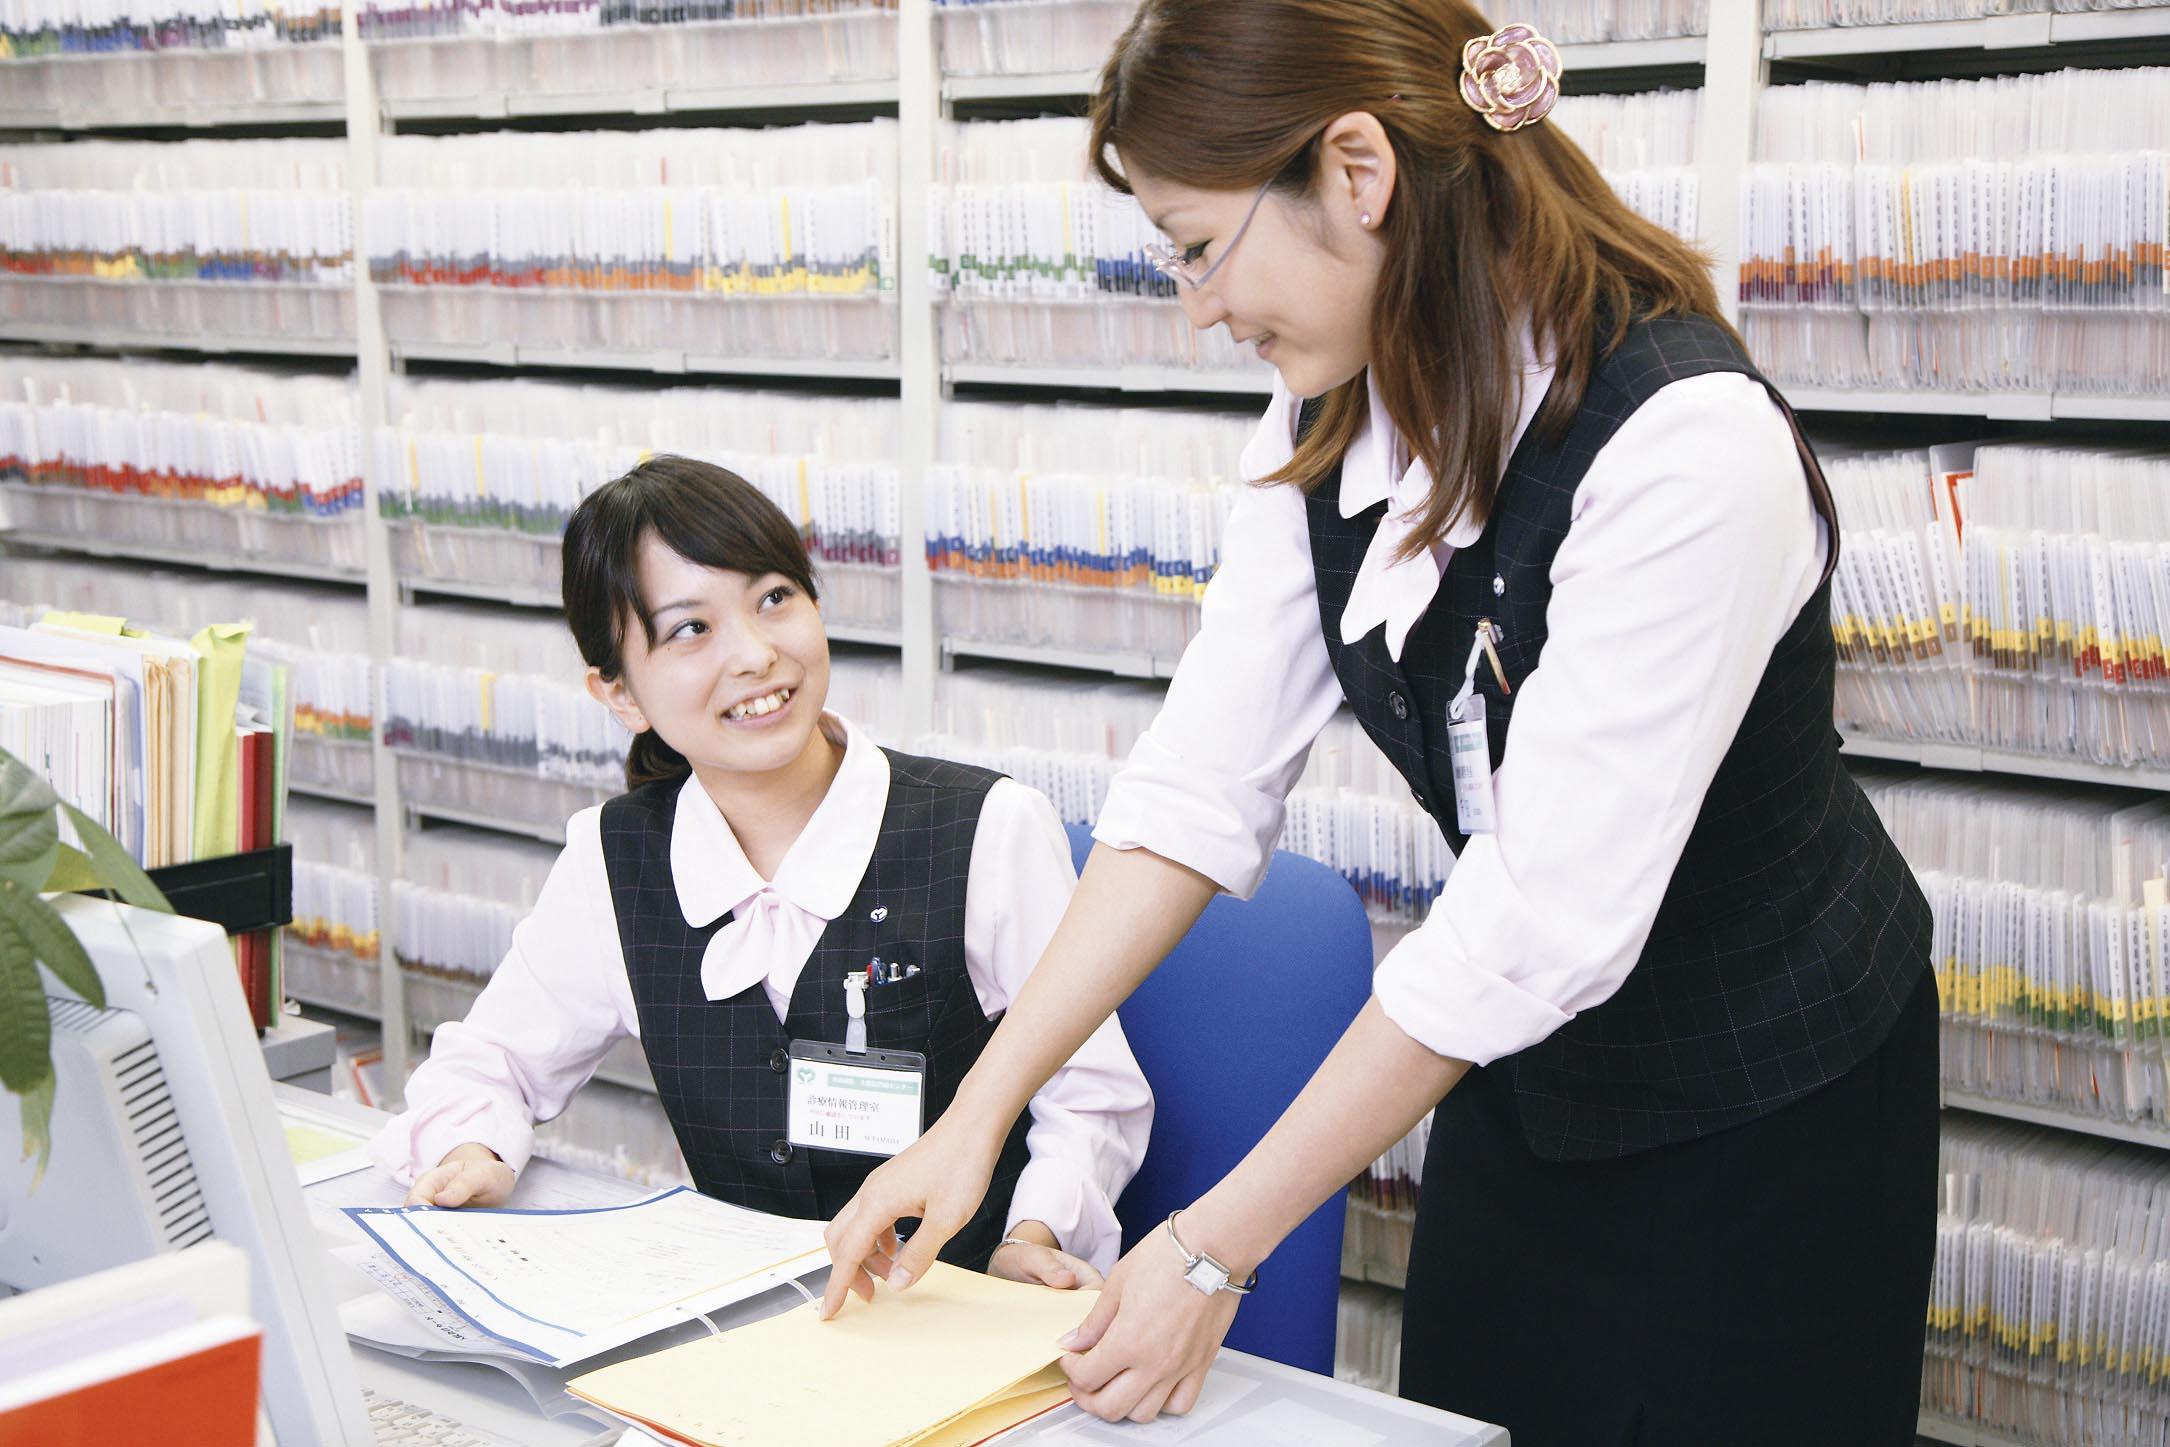 医療事務の仕事内容の本音とは!難しいとの声や資格なしでも働けるのか検証!